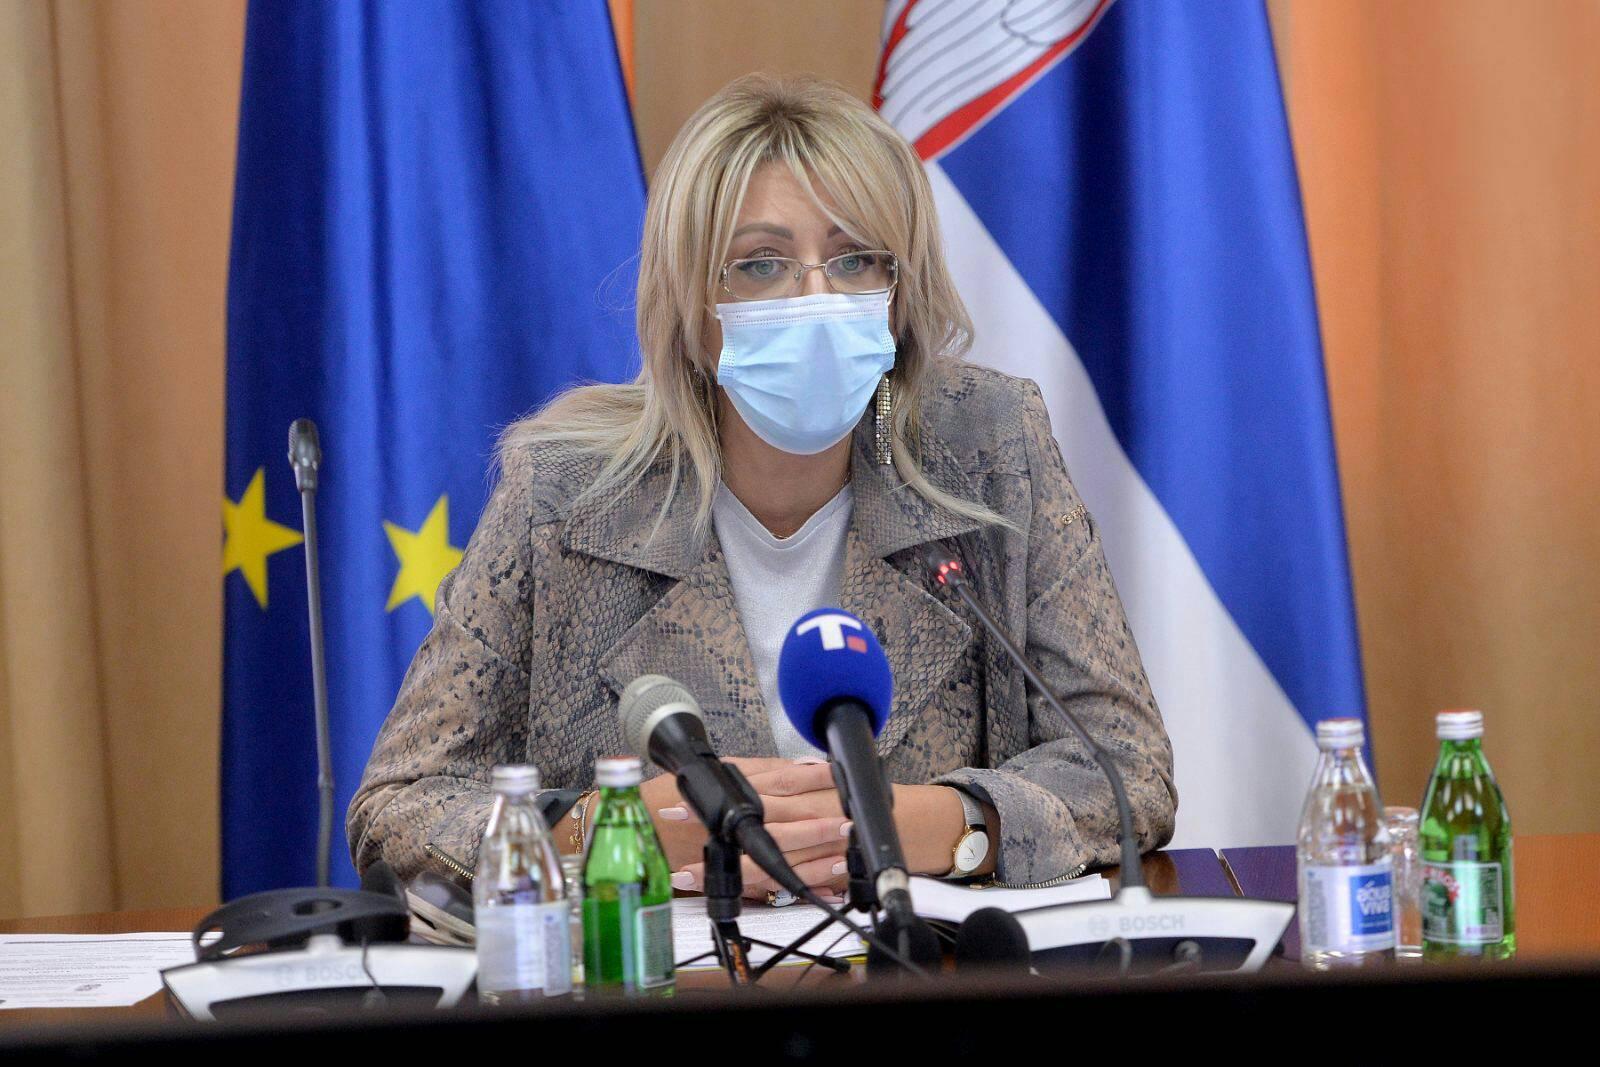 Ј. Јоксимовић: Циљ смањење регионалне неједнакости у Србији